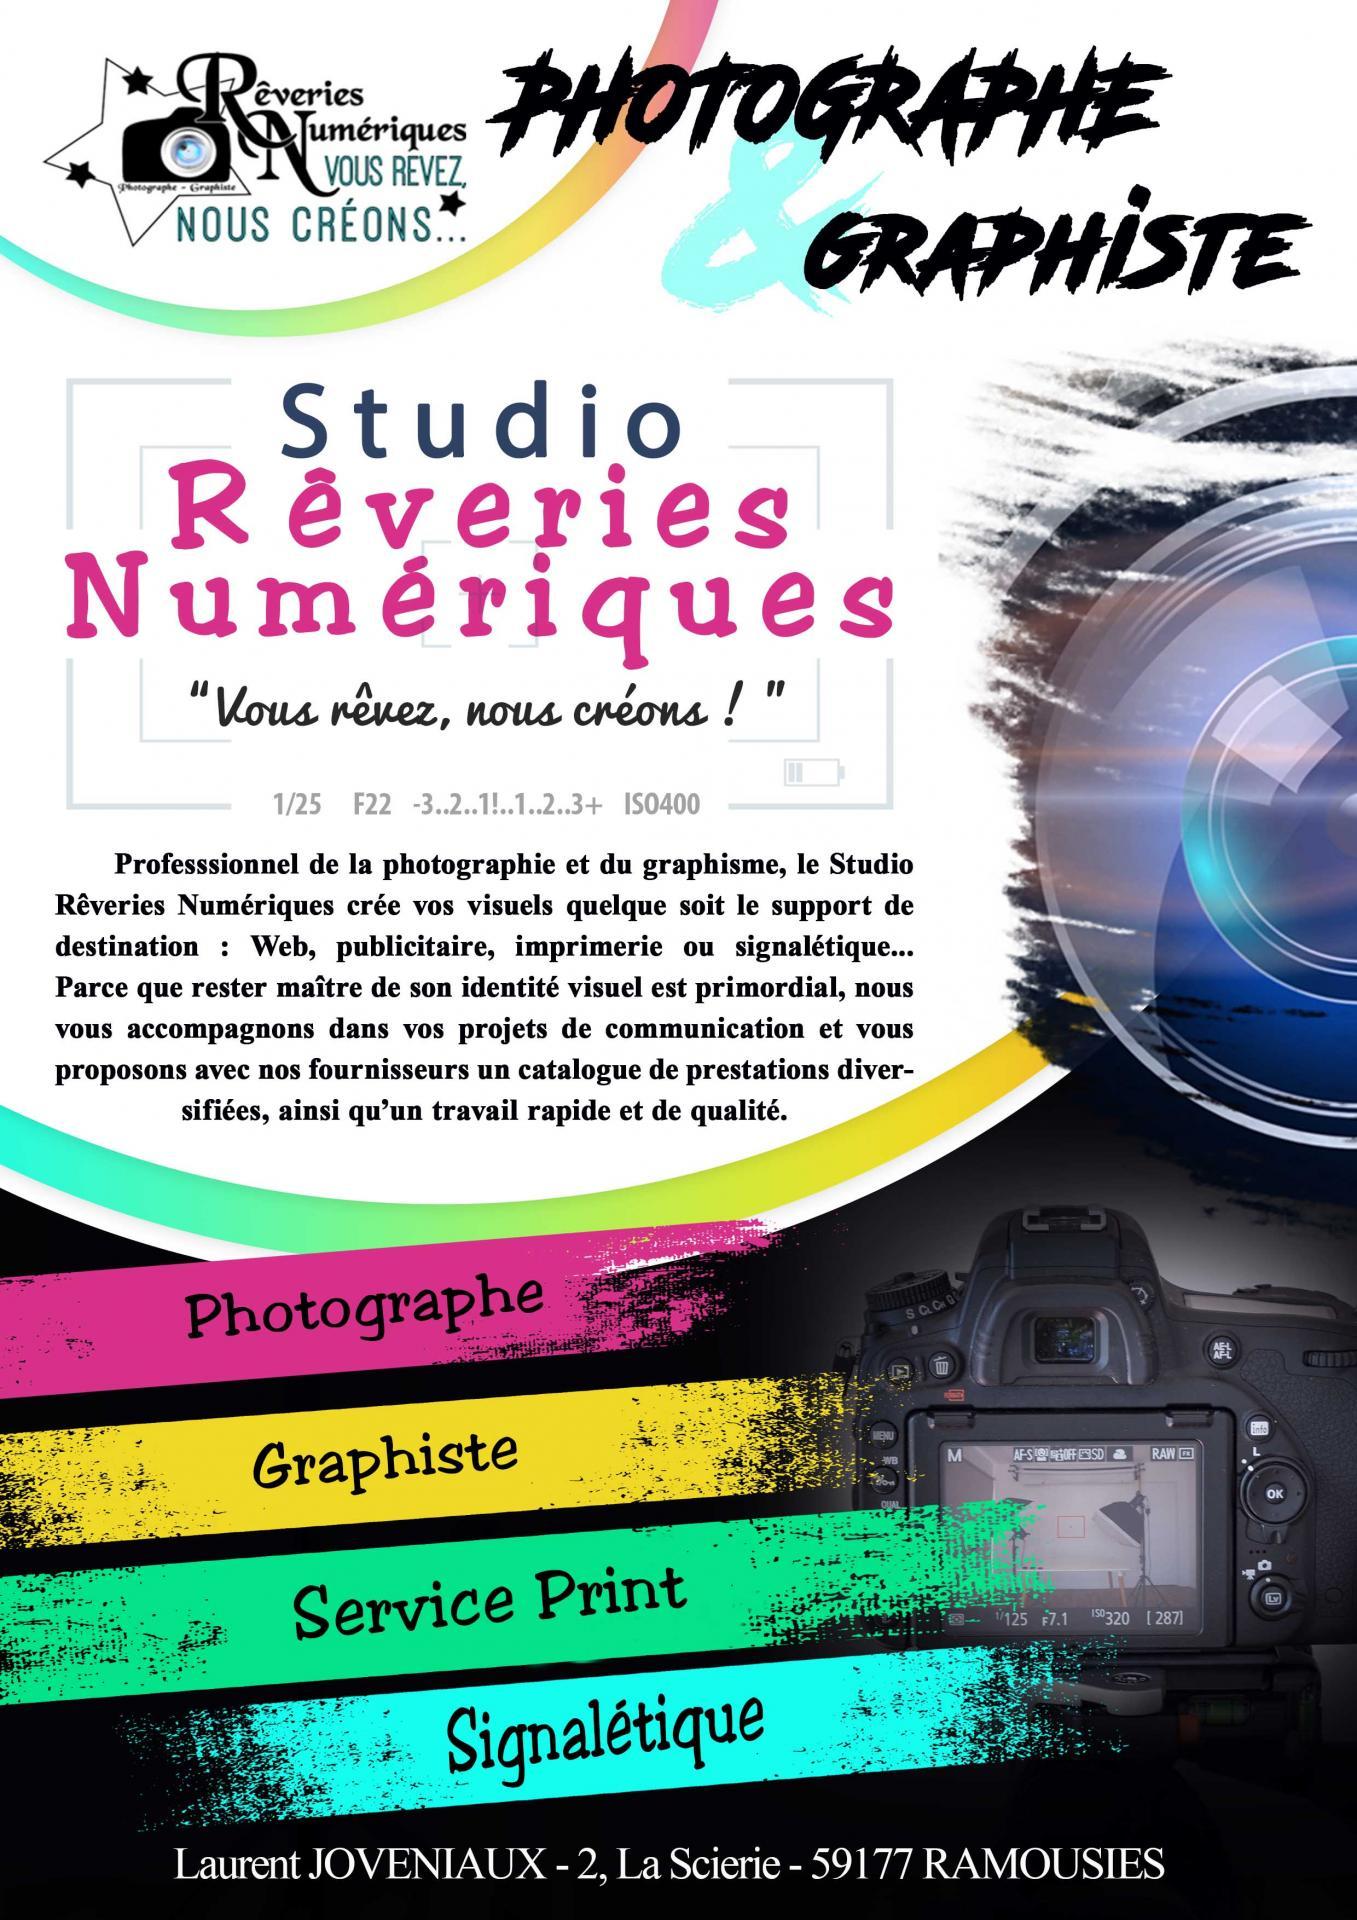 Joveniaux laurent photographe graphiste flyer recto